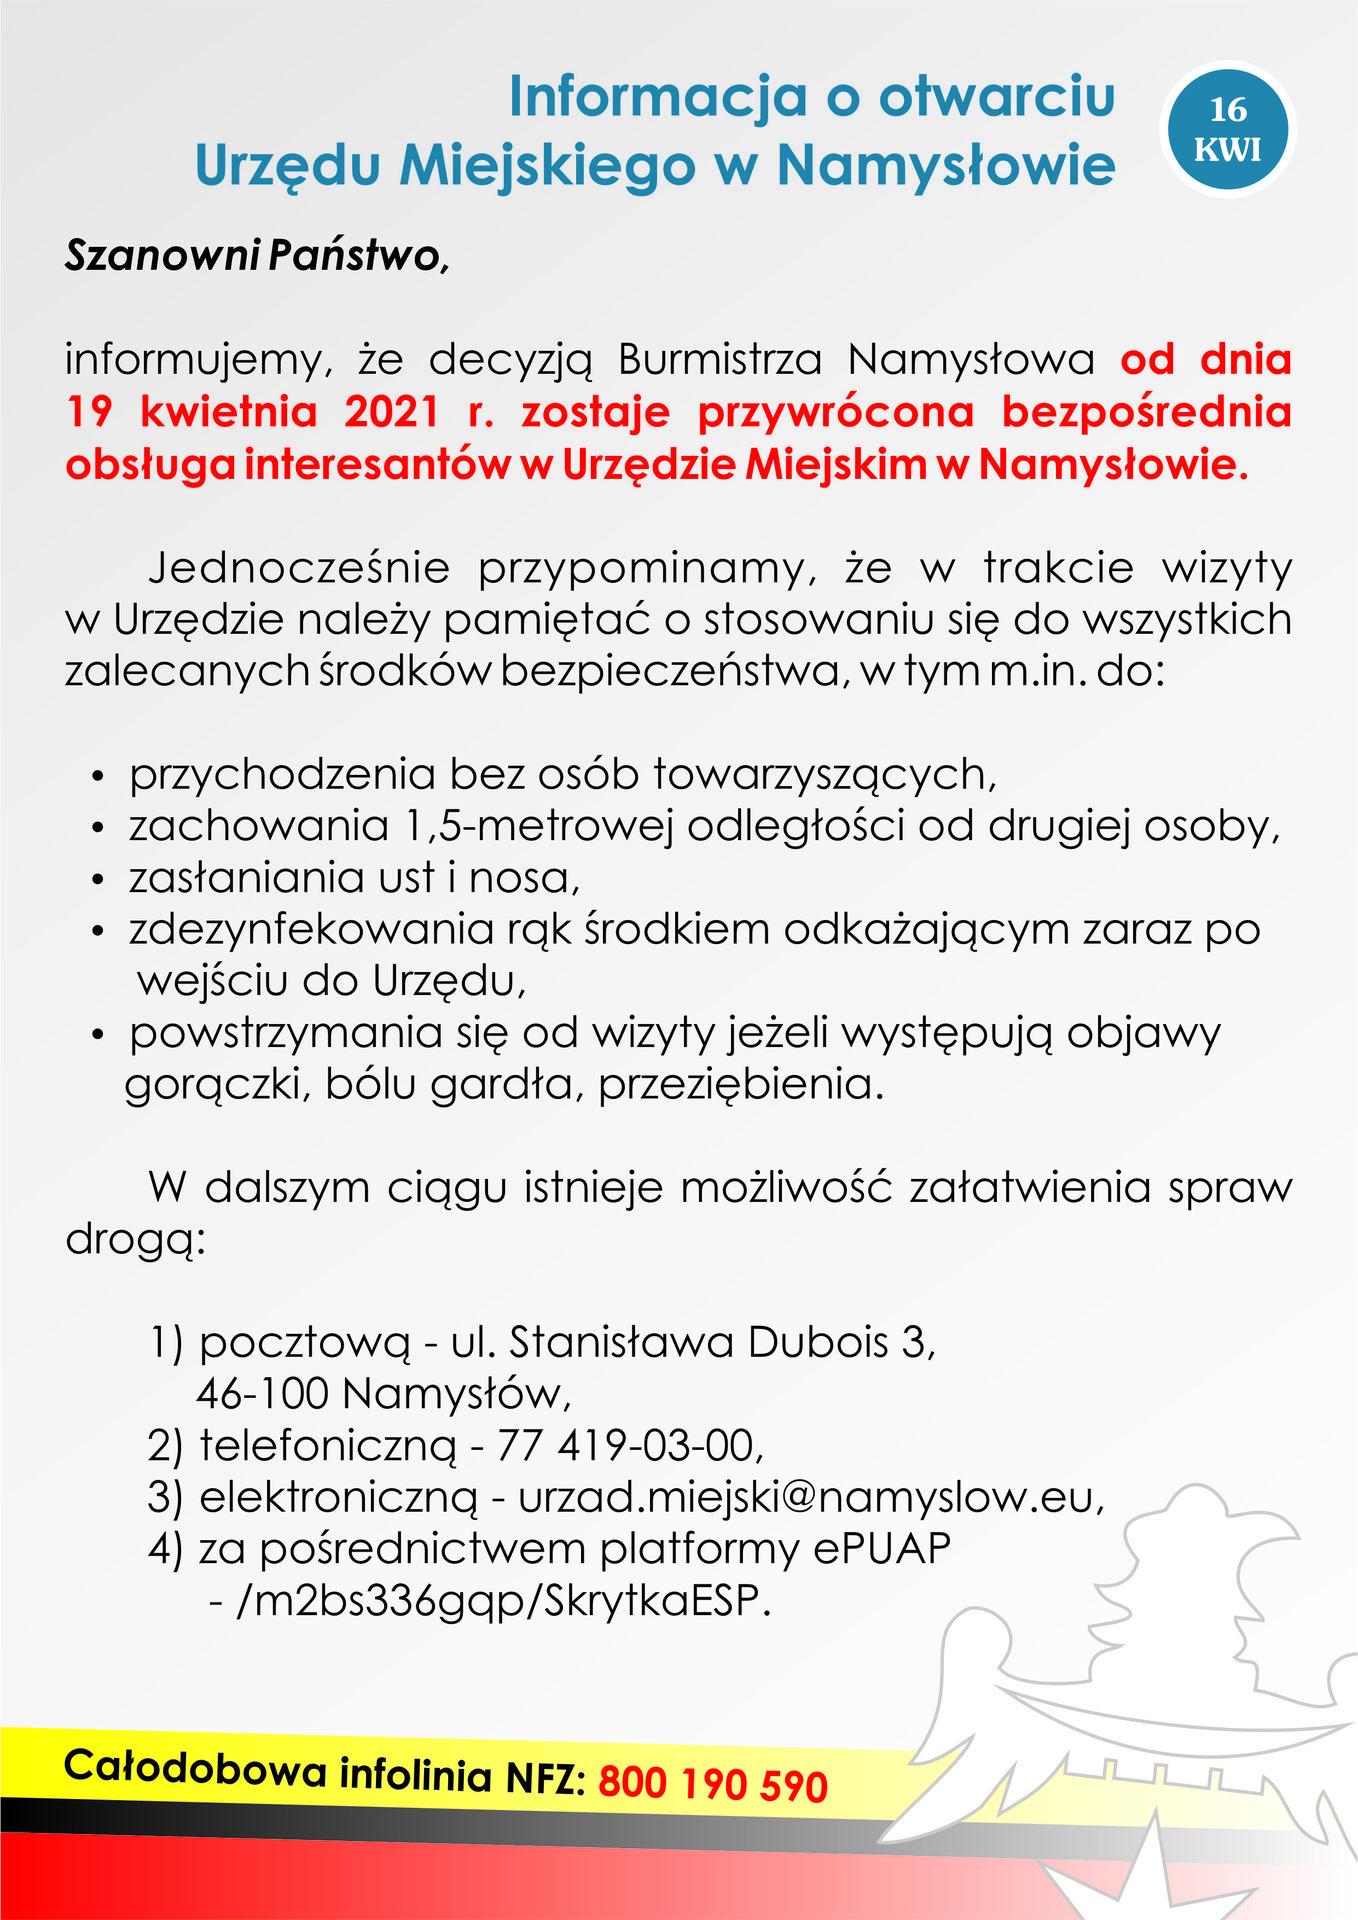 Informacja o otwarciu urzędu (16-04-2021).jpeg